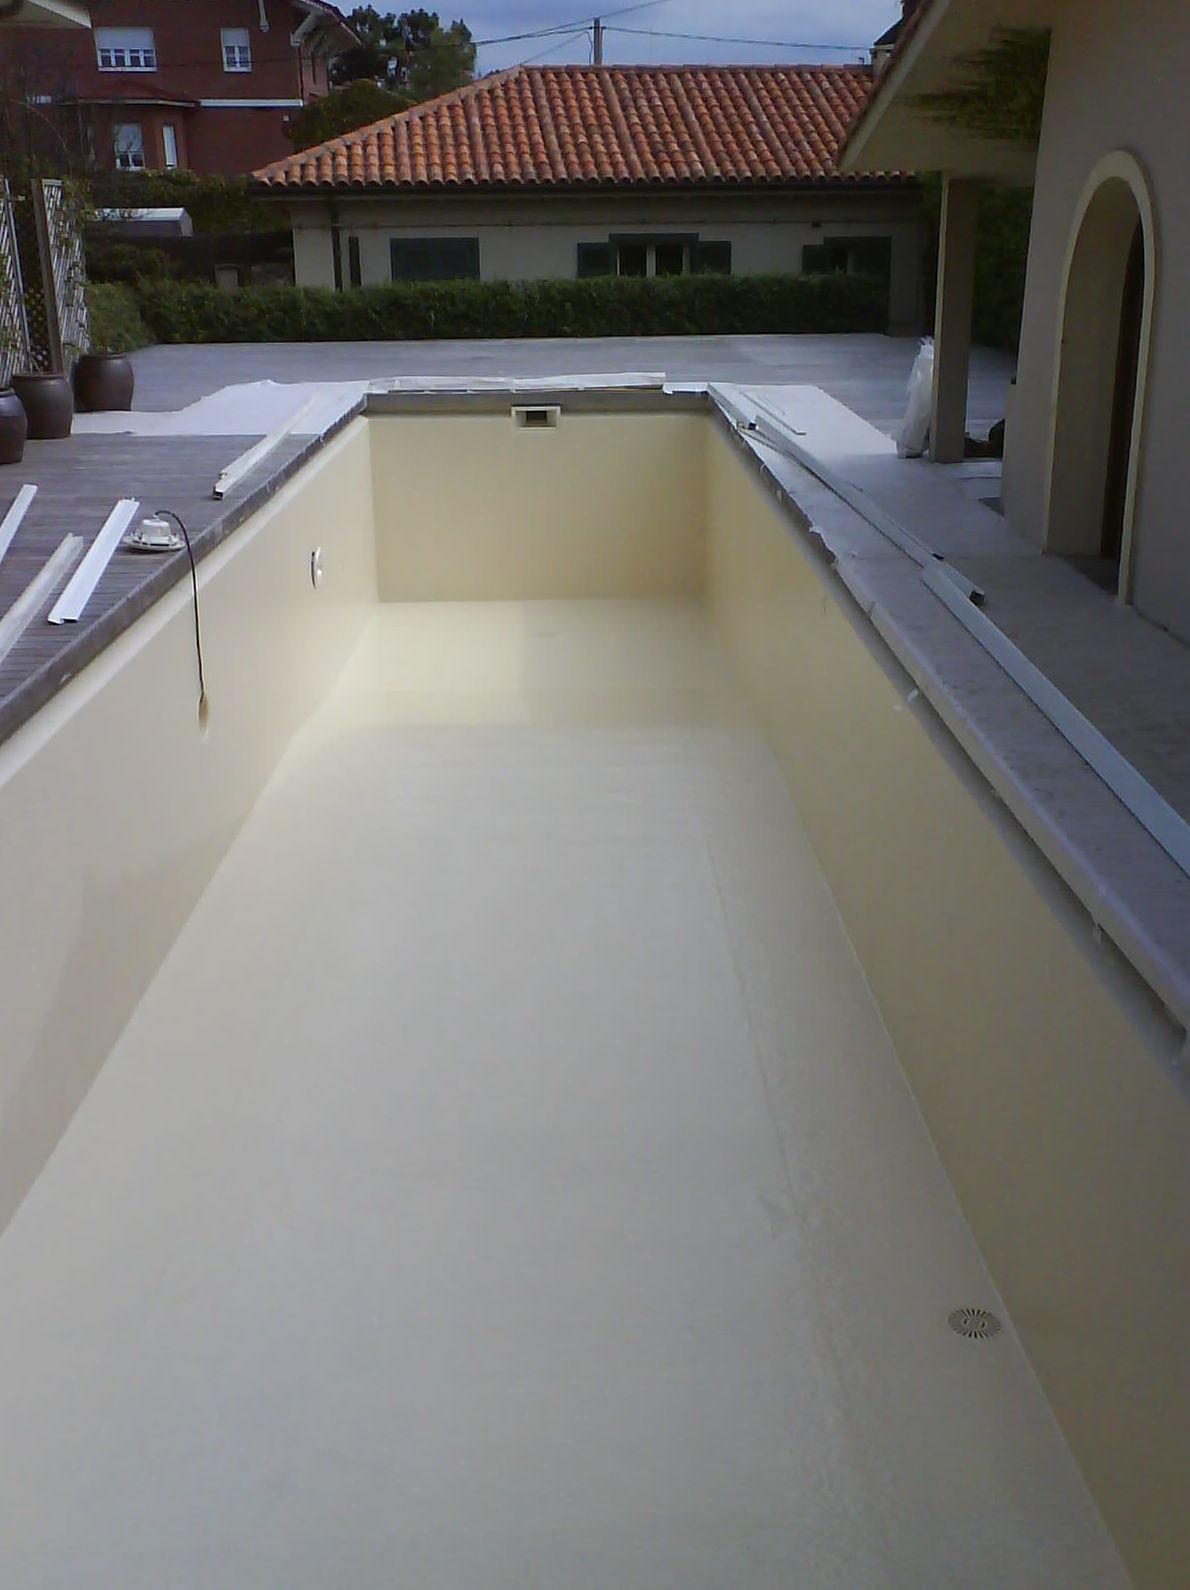 Impermeabilización de piscina con resina de poliéster